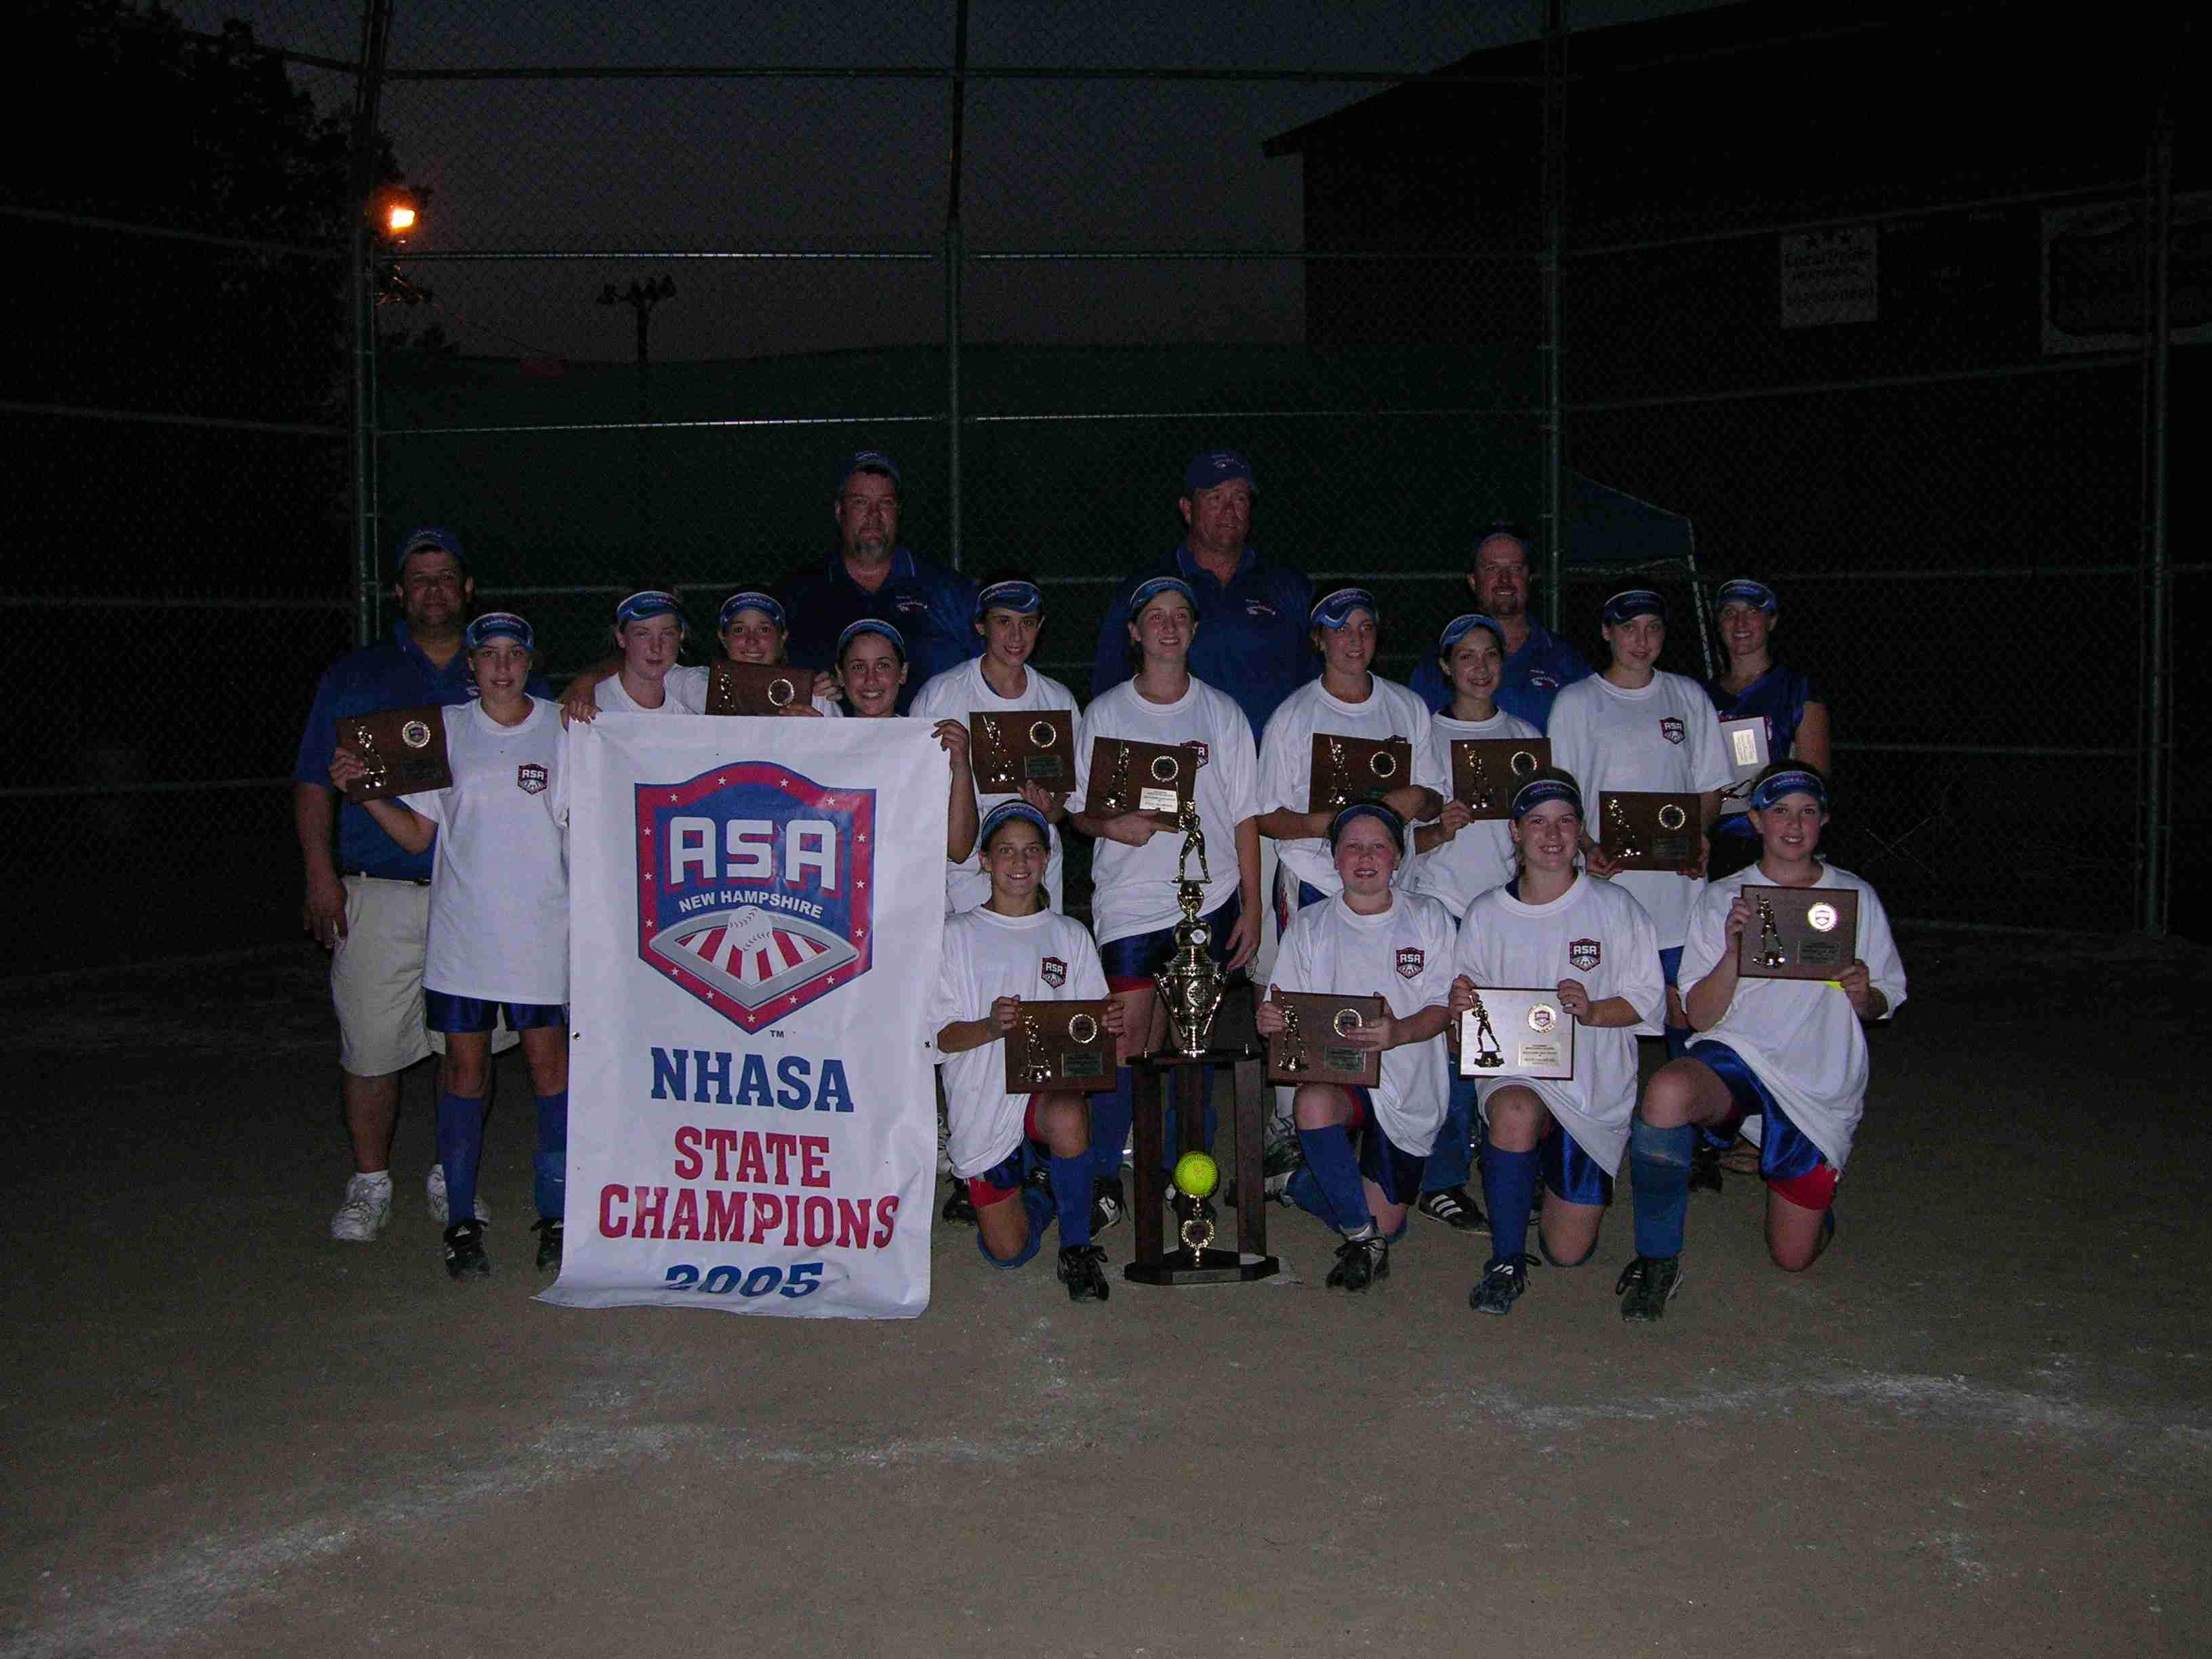 2005 ASA State Champions